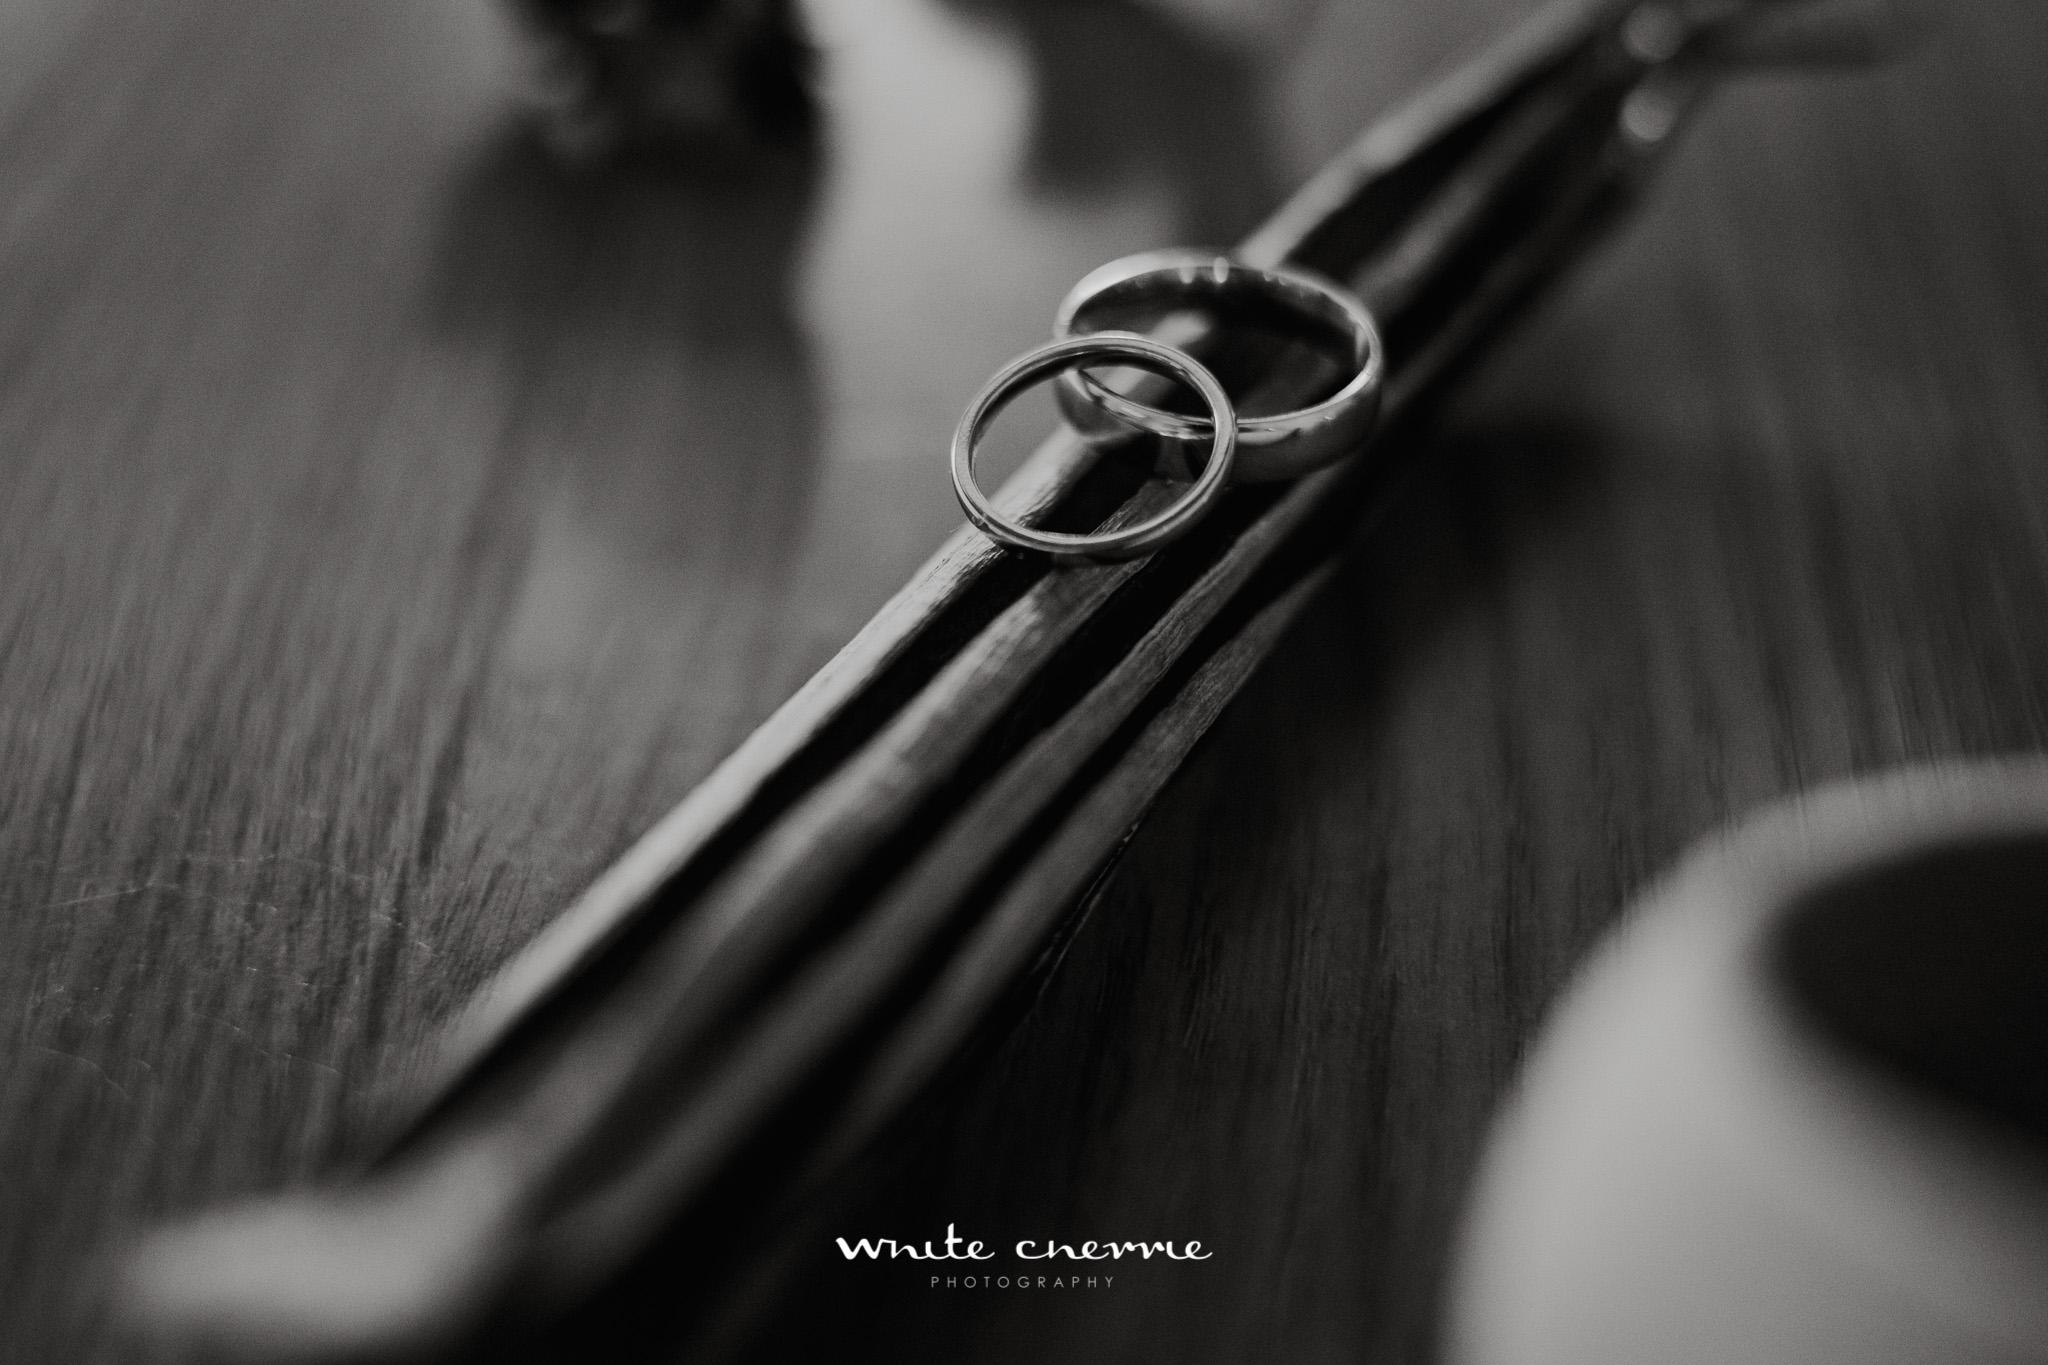 White_Cherrie-Gill_Craig-10.jpg